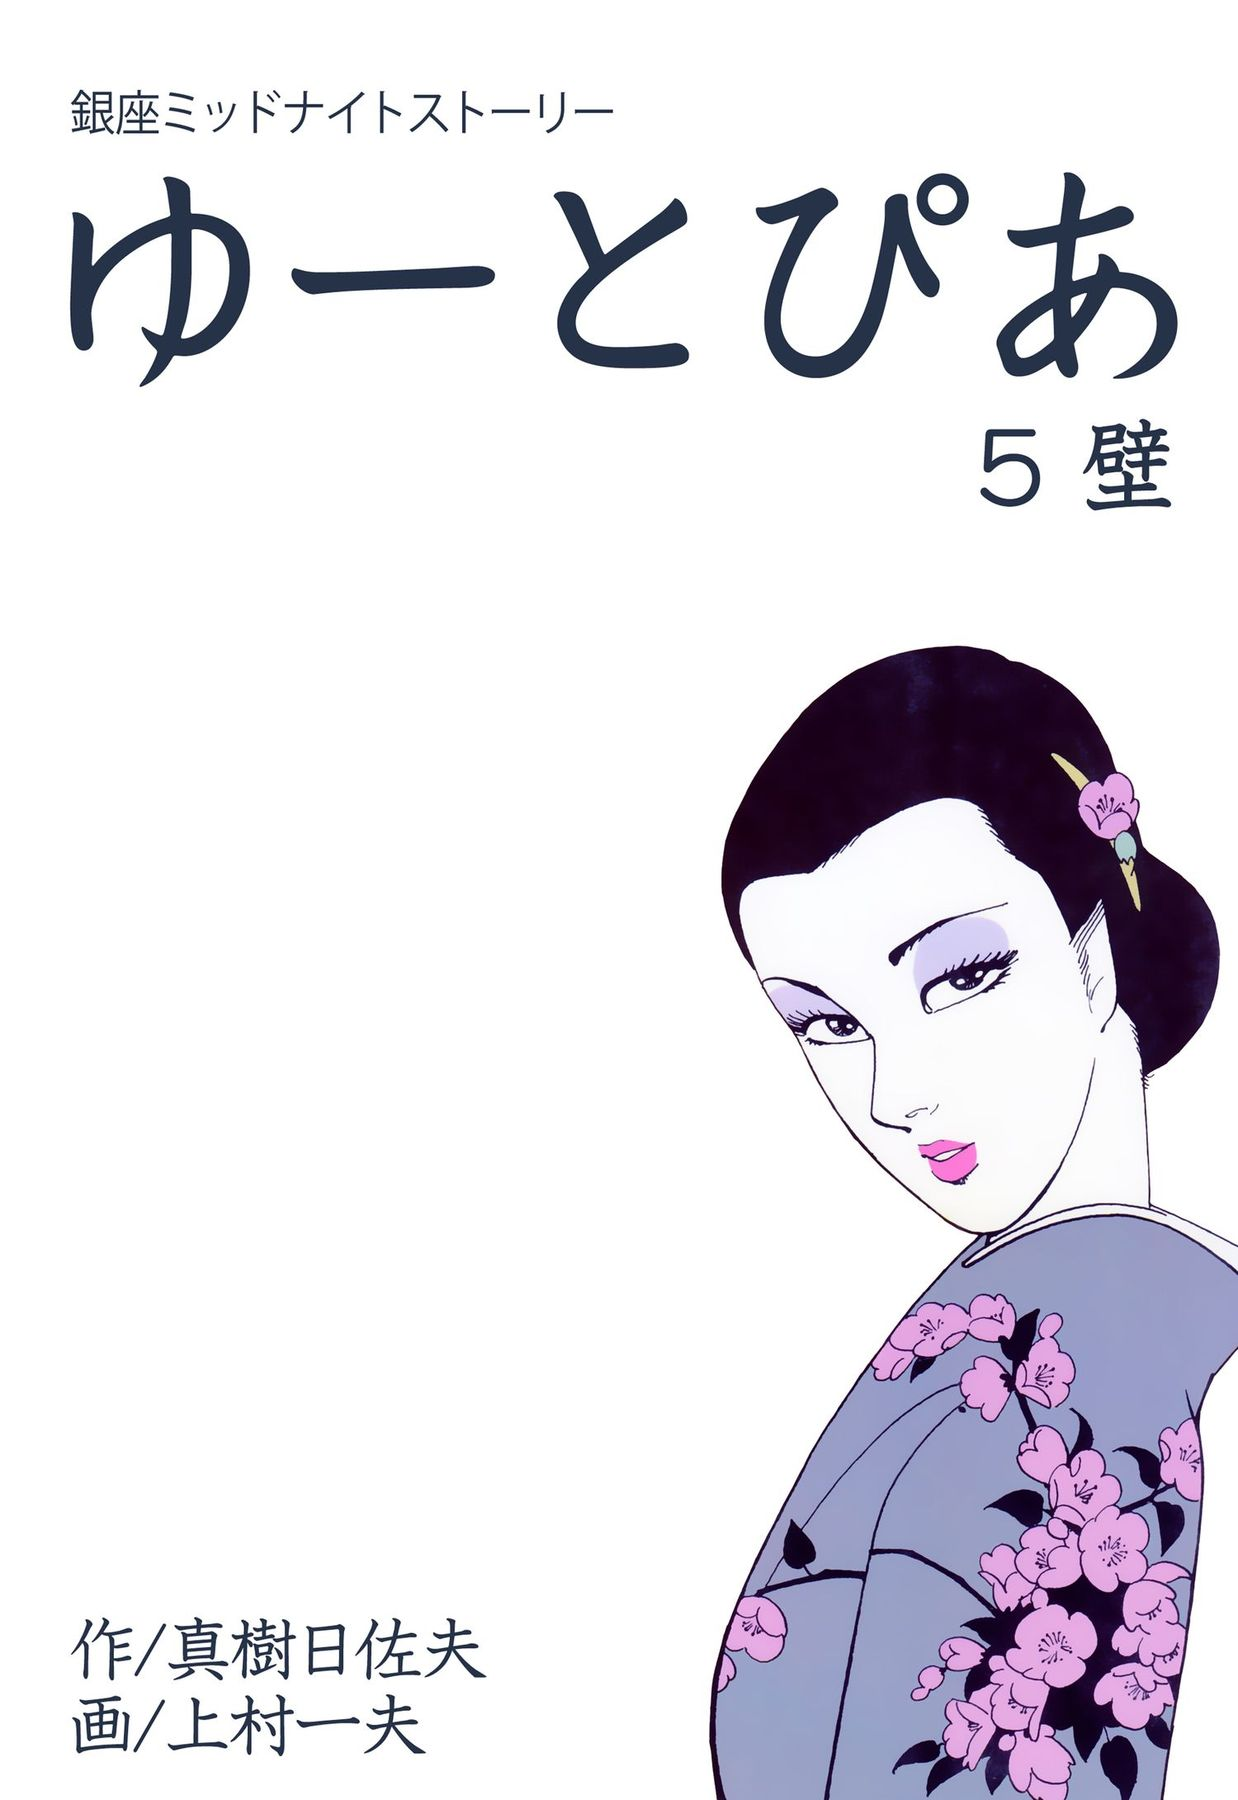 ゆーとぴあ~銀座ミッドナイトストーリー(第5巻)